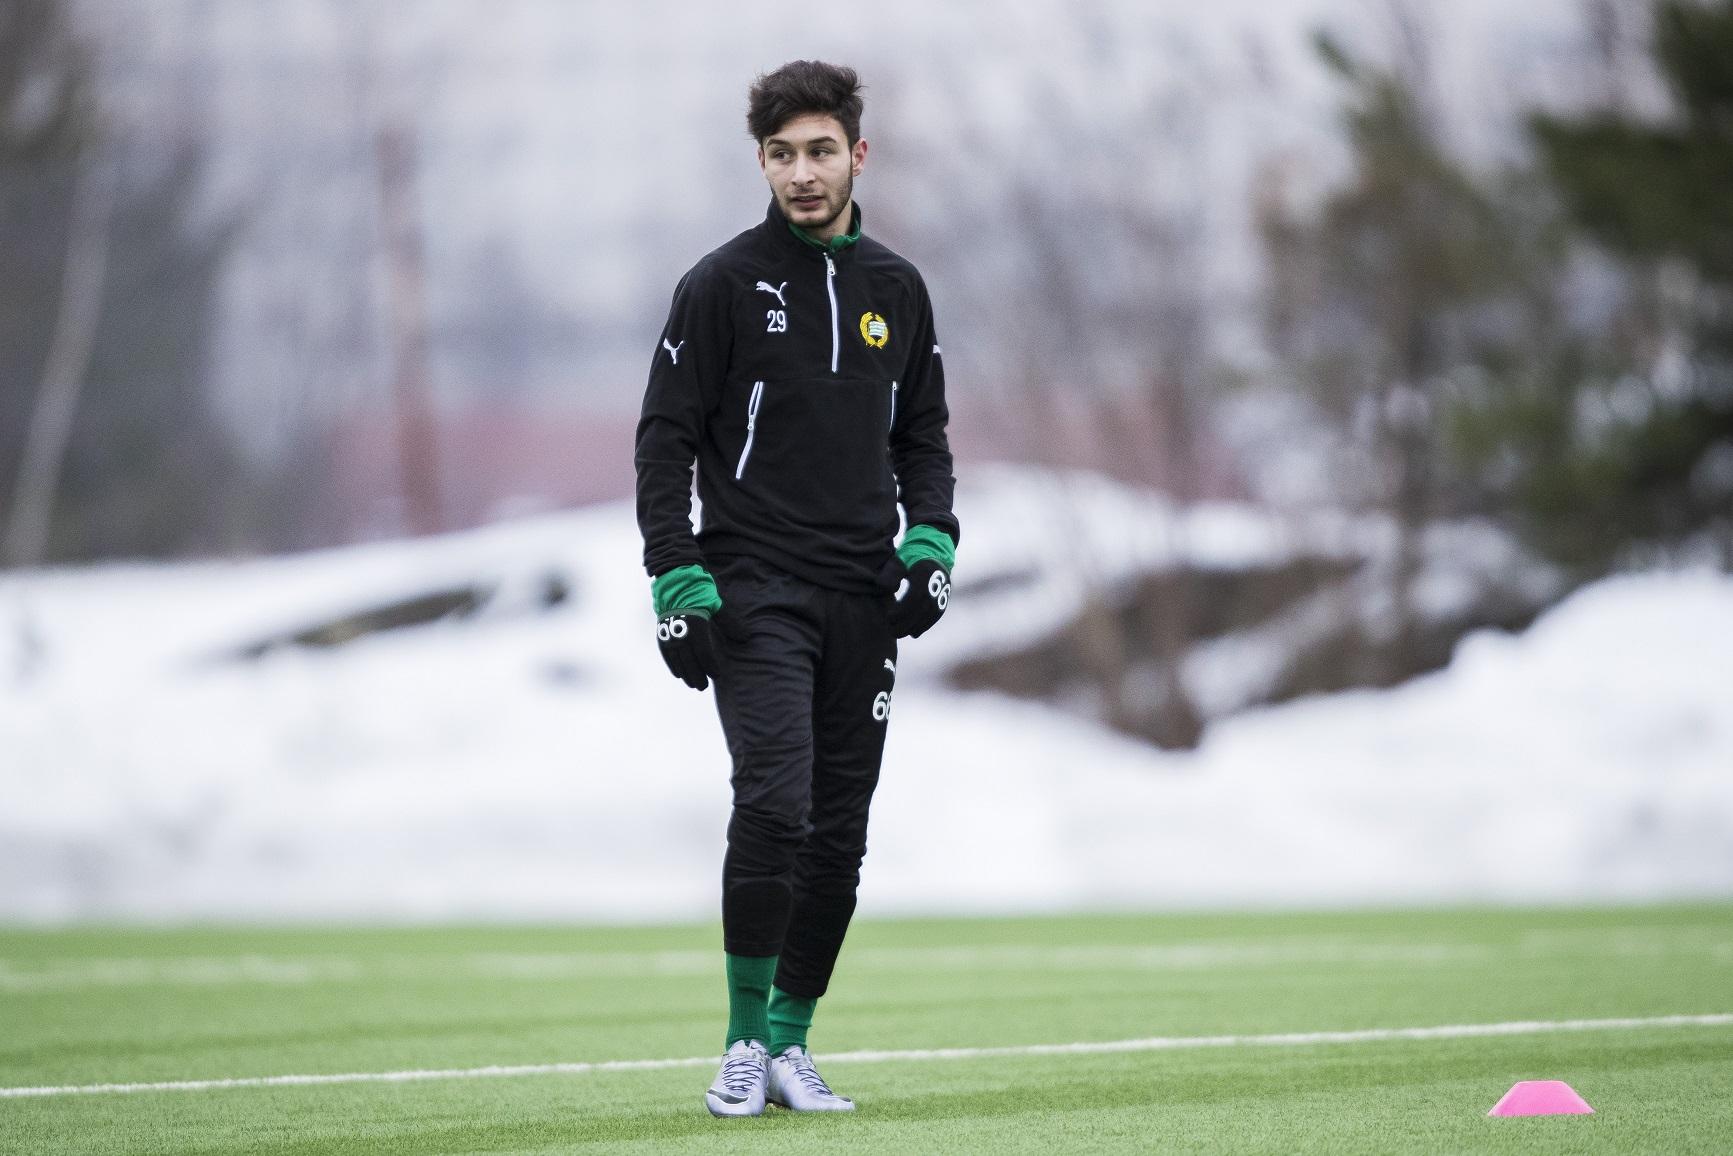 170110 Hammarbys Elias Durmaz under en fotbollsträning med Hammarby den 10 Januari 2017 i Stockholm.  Foto: Kenta Jönsson / BILDBYRÅN / Cop 210